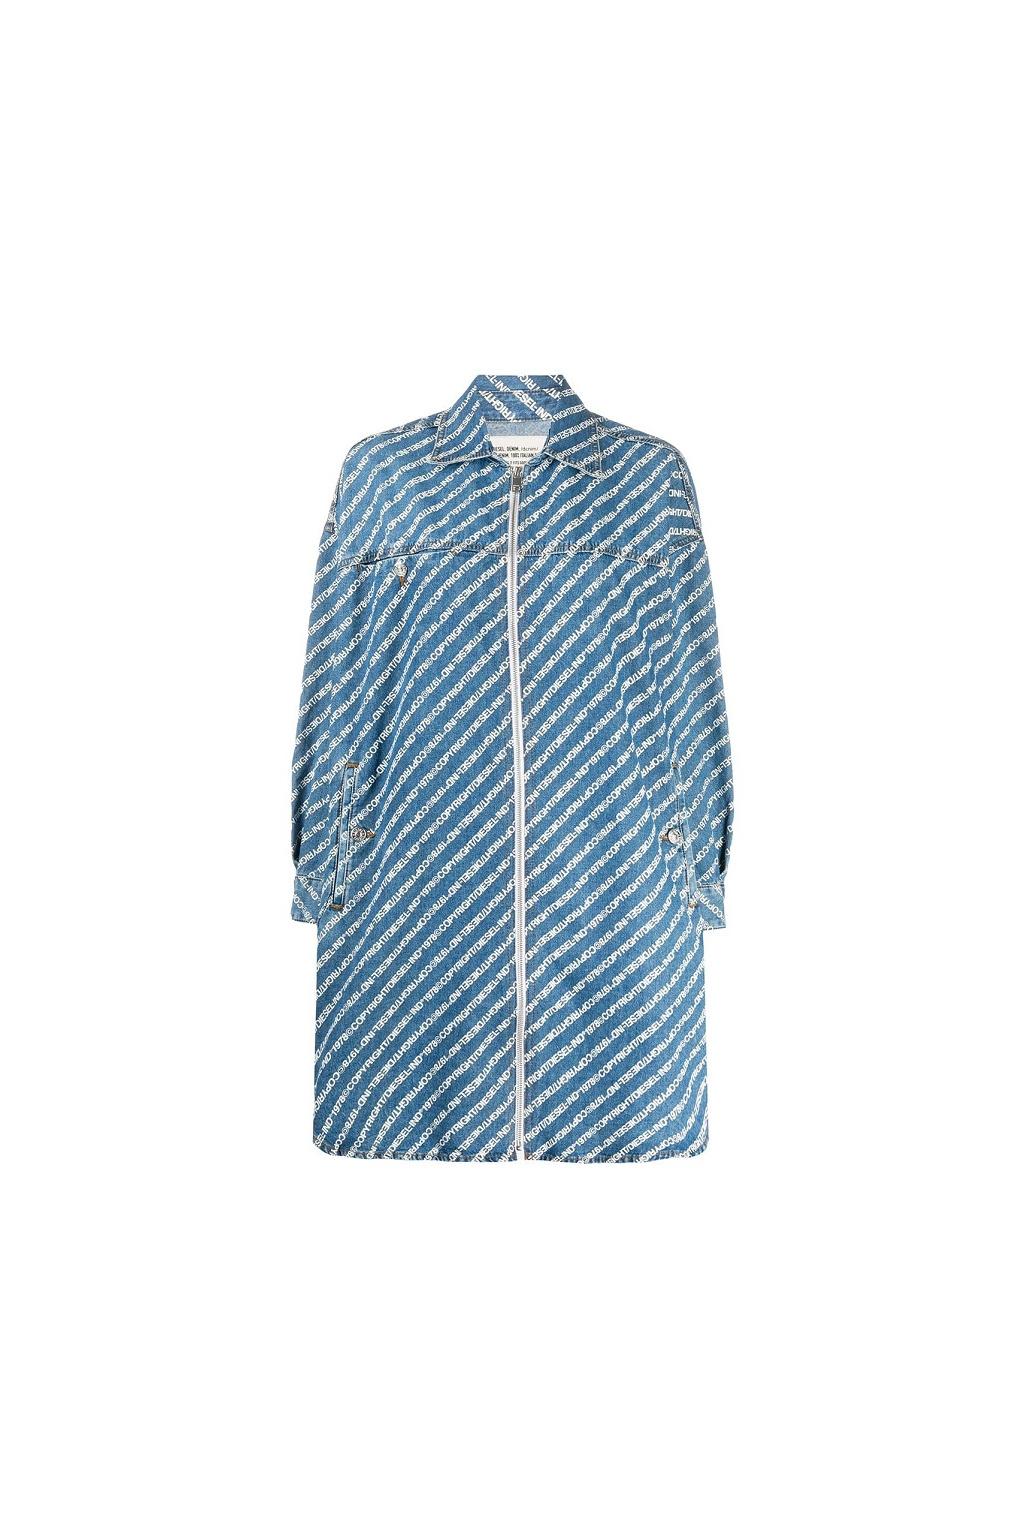 00SFQM 0BAYE Dámské riflové šaty Diesel De Slyx modré